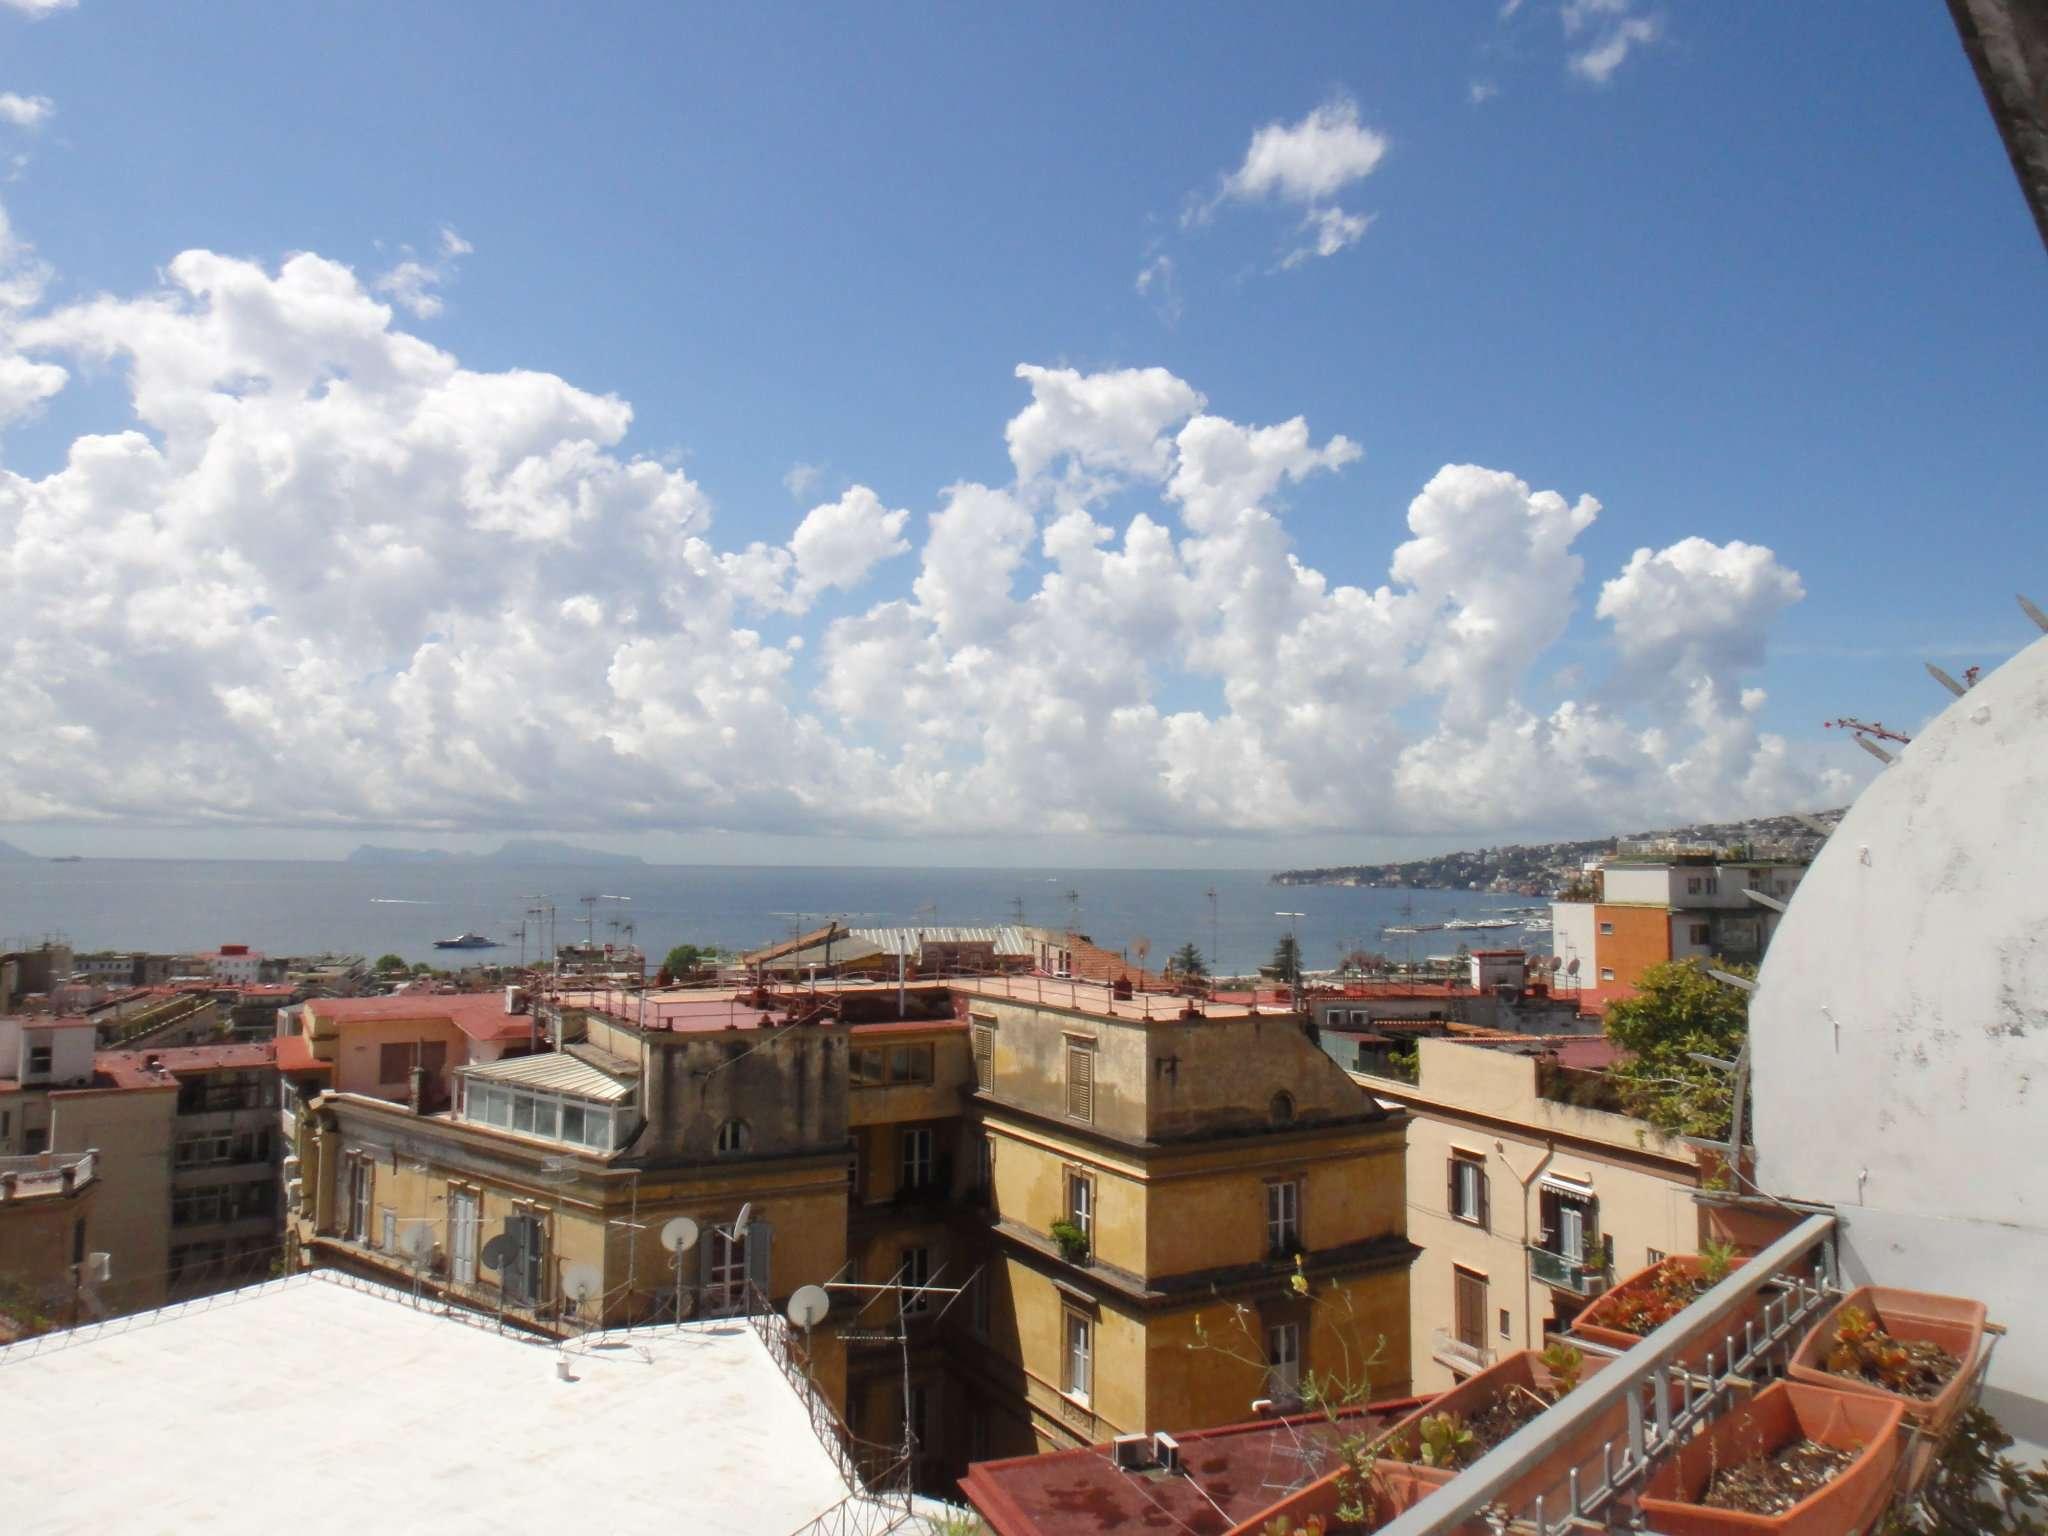 Appartamento in vendita a Napoli, 1 locali, zona Zona: 1 . Chiaia, Posillipo, San Ferdinando, prezzo € 290.000 | CambioCasa.it